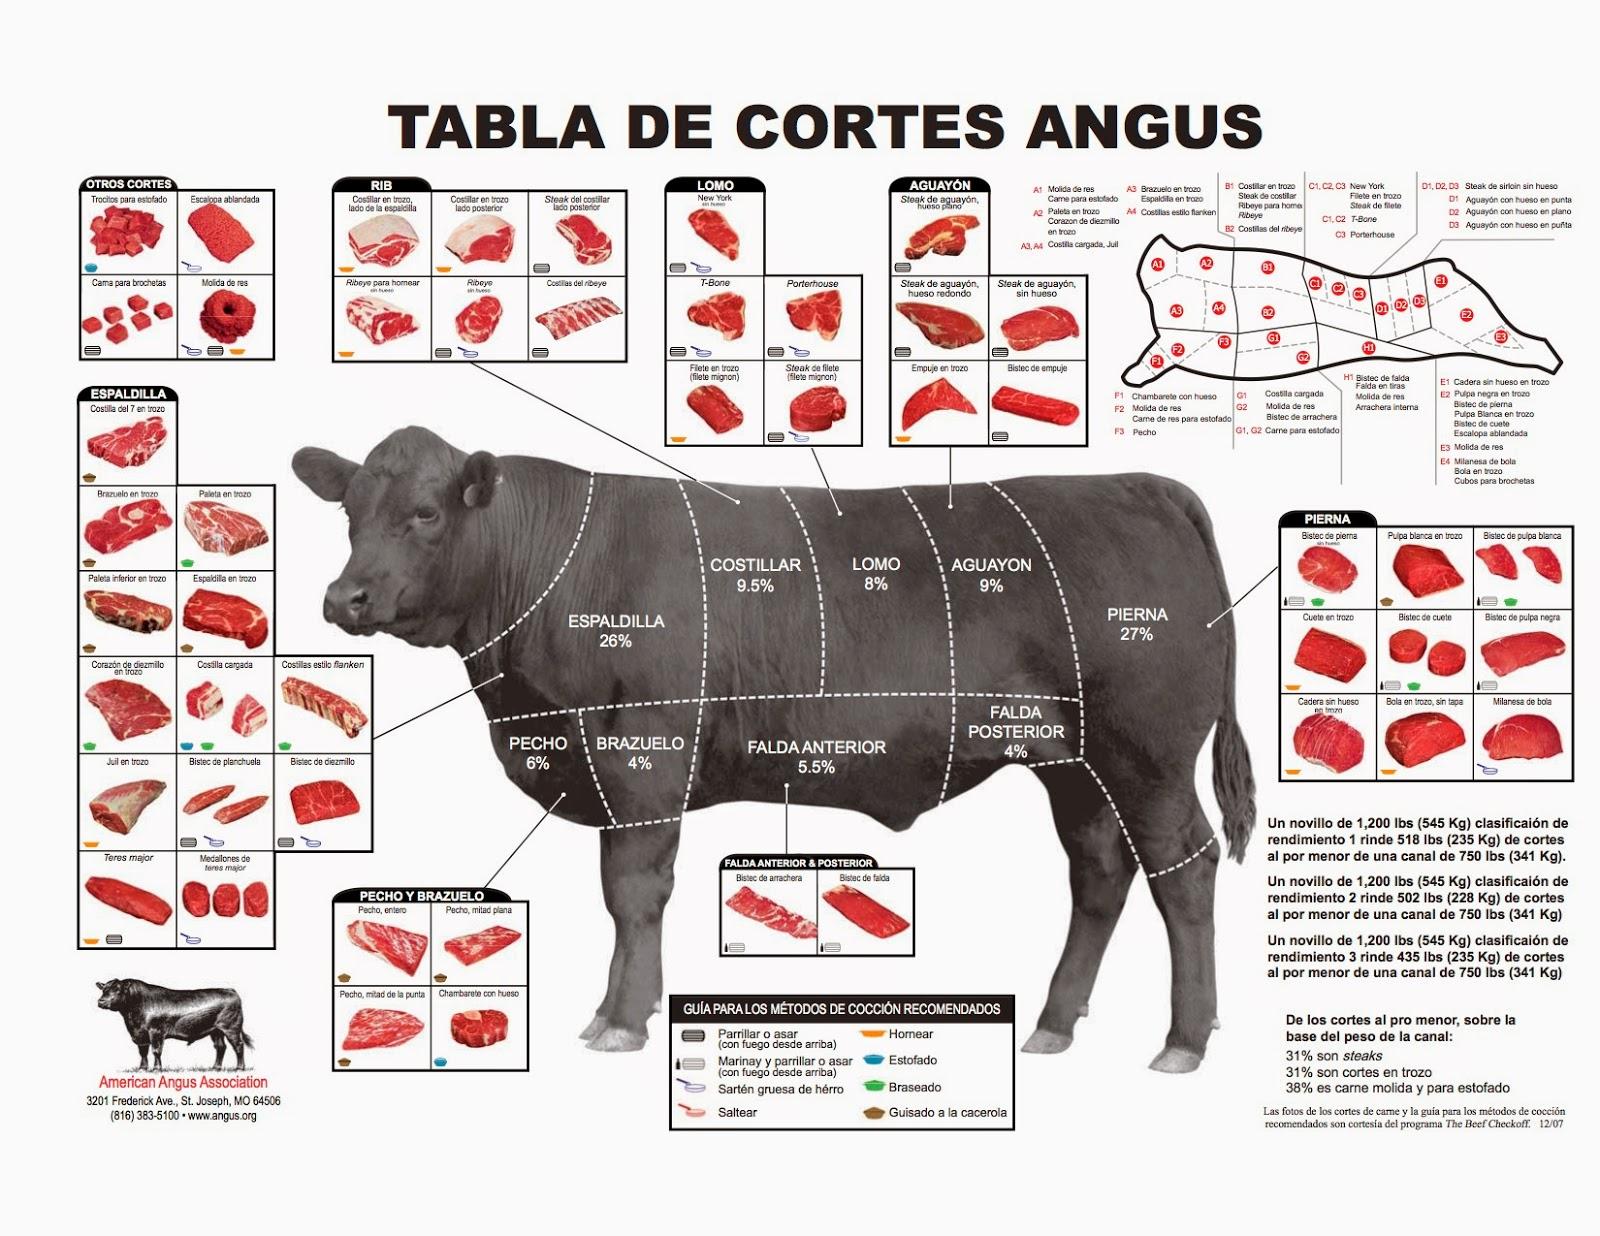 Metástasis en los huesos American Cancer Society - imagenes de animales sin huesos